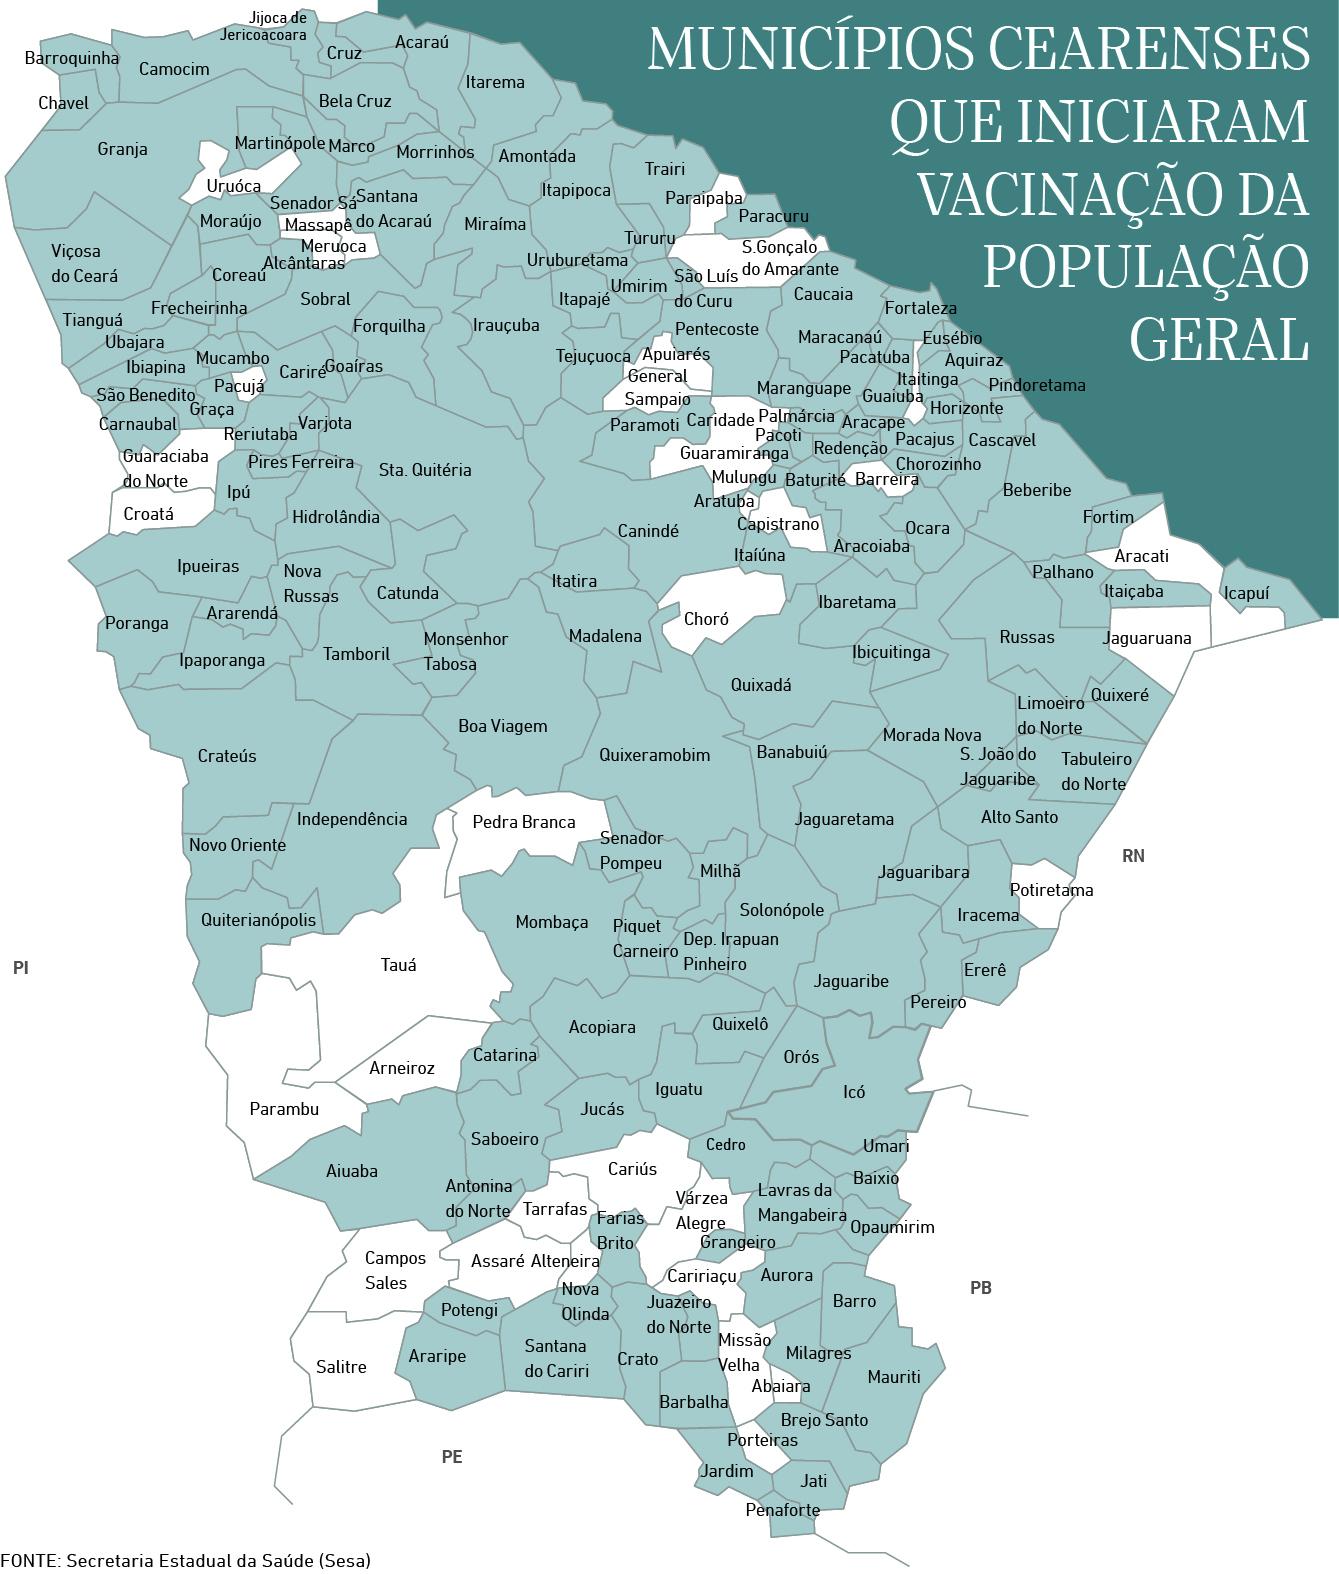 Municipios cearenses que iniciaram vacinacao da populacao geral